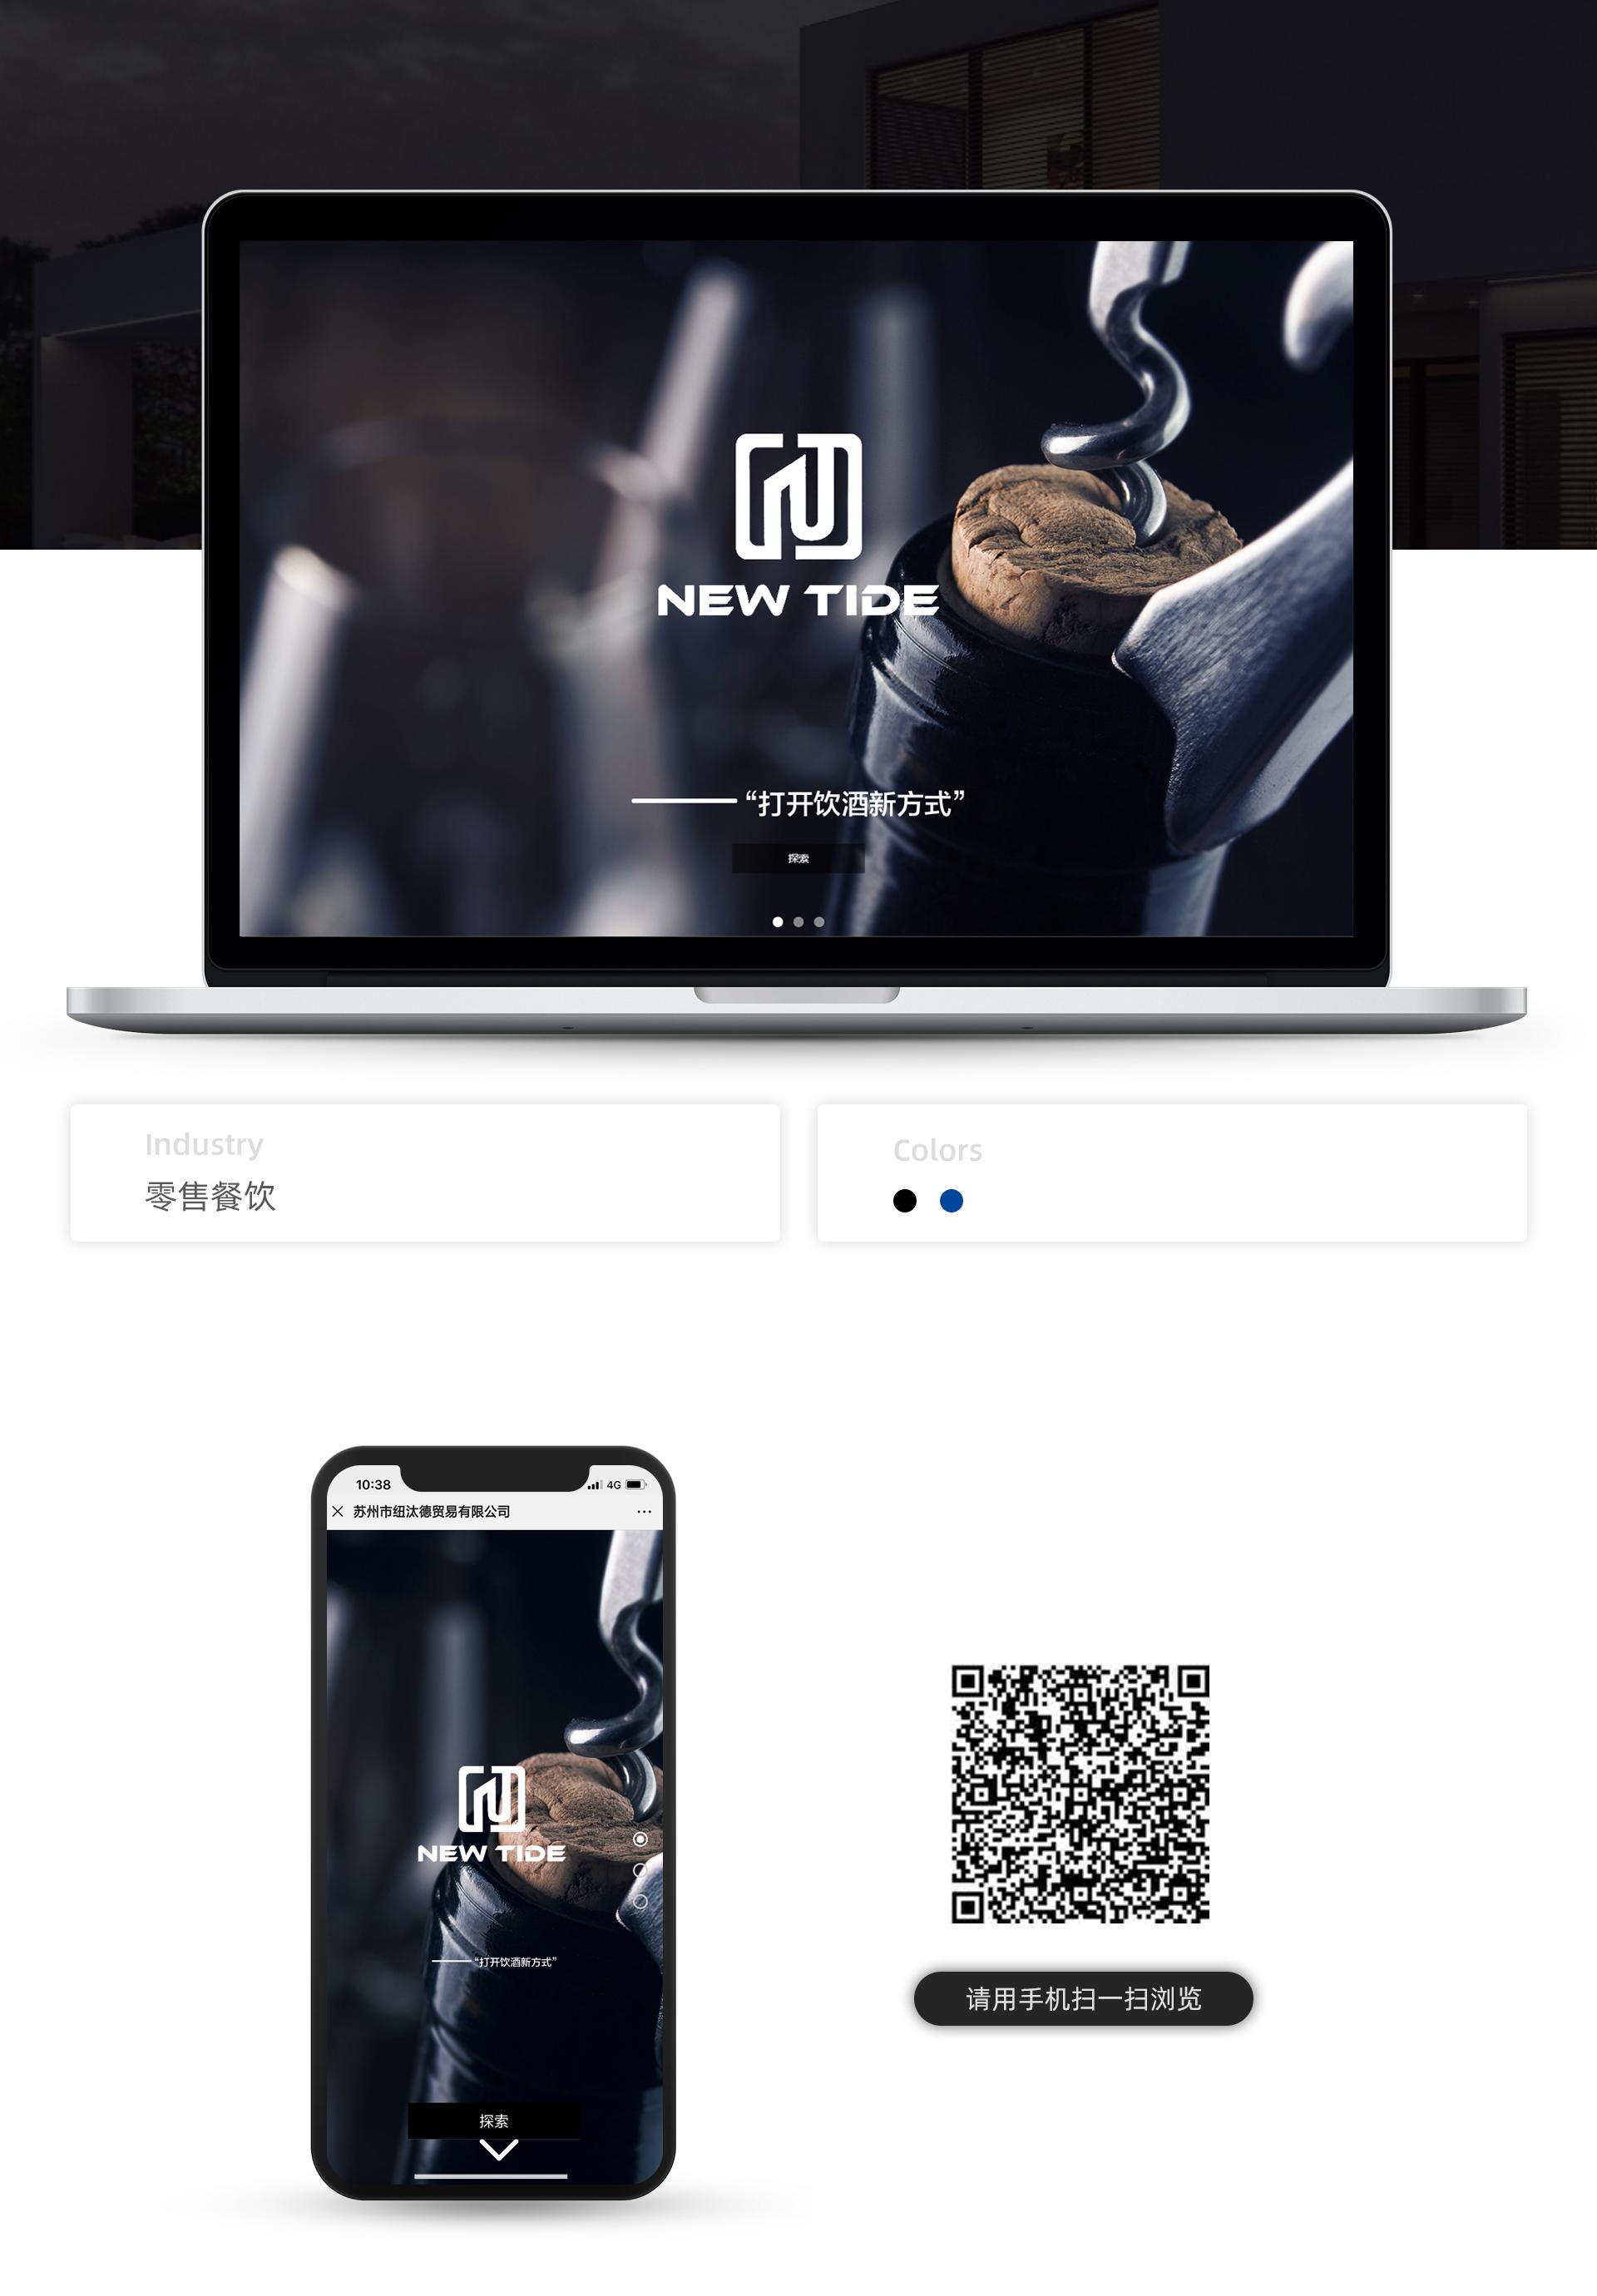 河北-易超——纽汰德_01